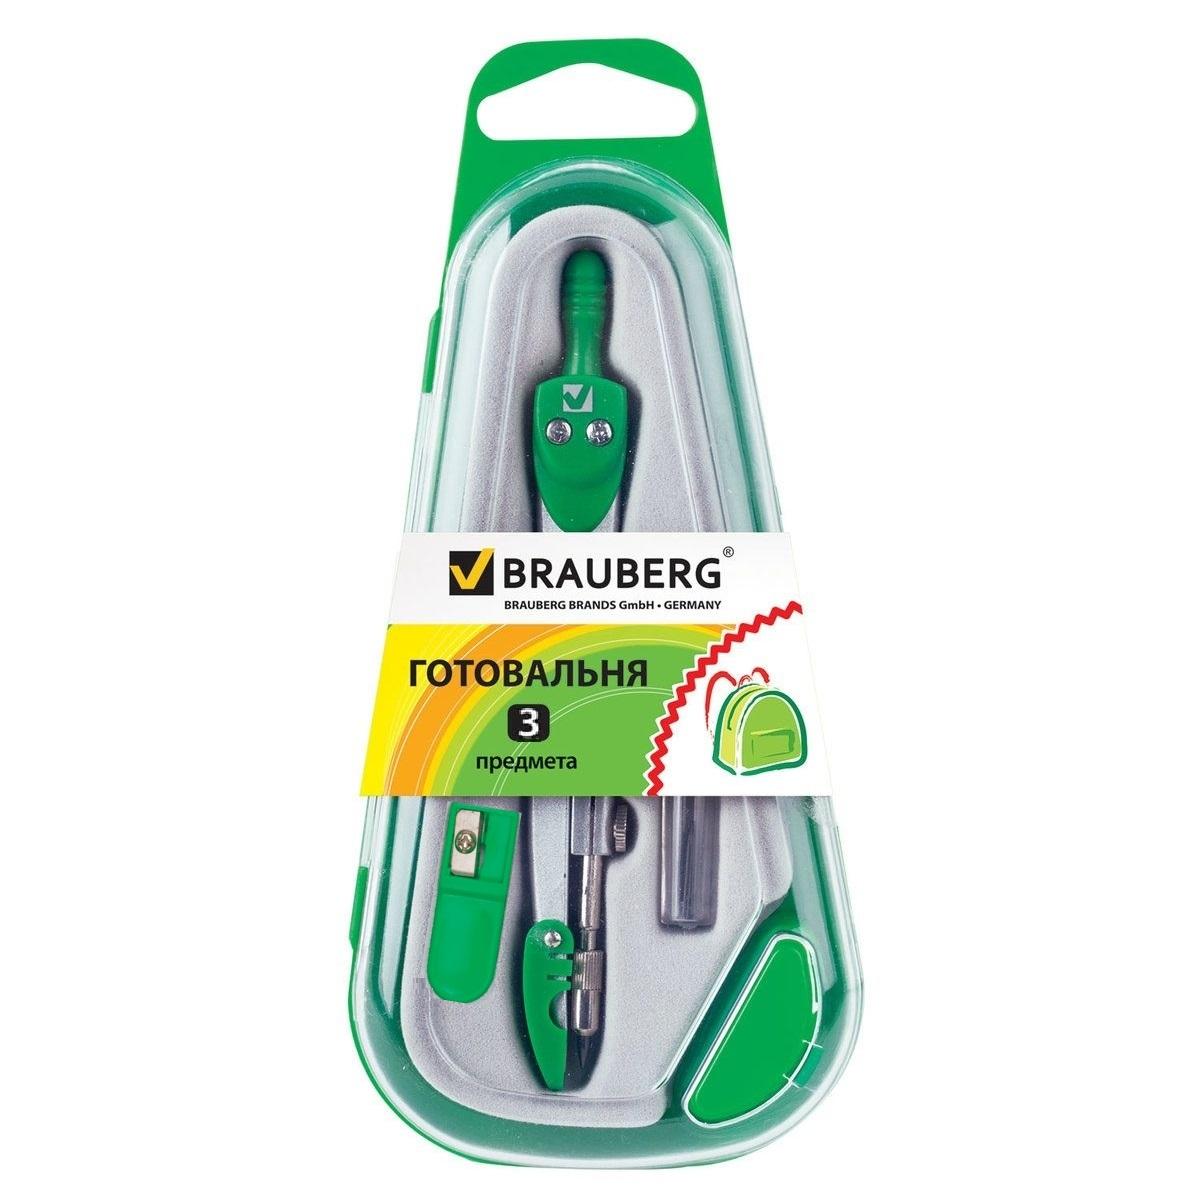 Готовальня BRAUBERG 3 предмета: циркуль 115 мм с колпачком, грифель, точилка, пенал с подвесом brauberg готовальня student oxford 2 предмета